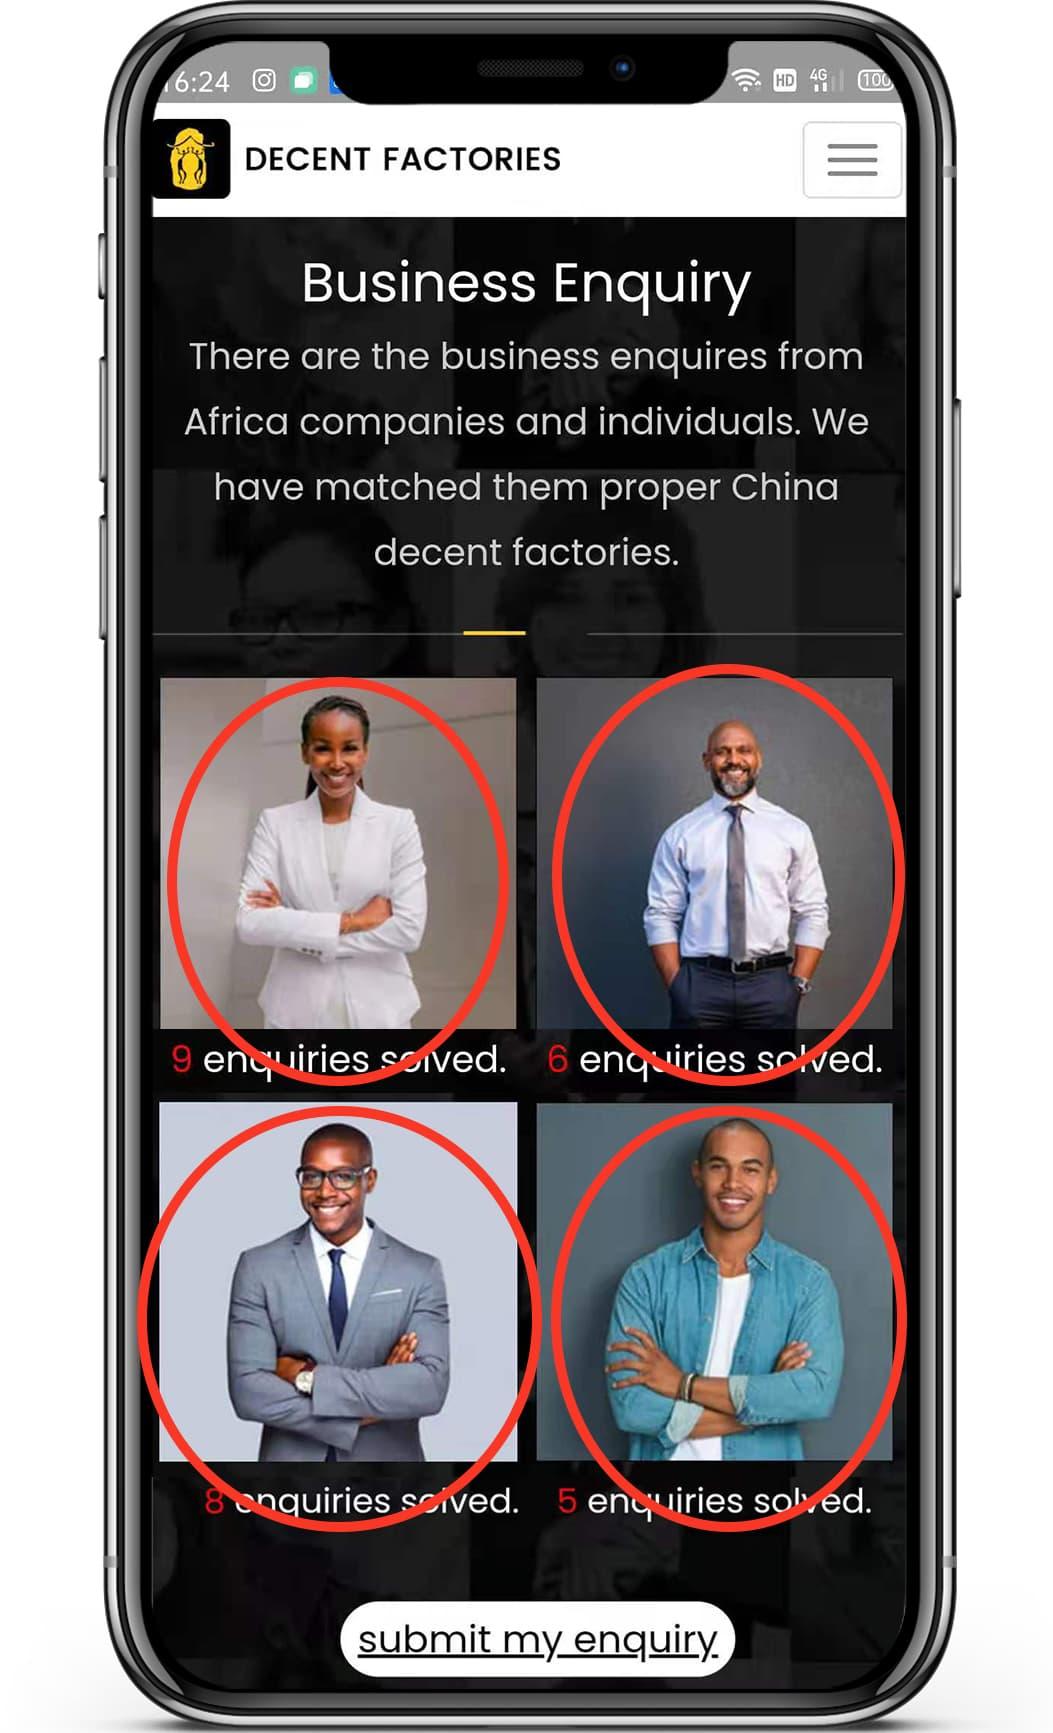 插图3 非洲之家首页截屏 为老外解决询盘的界面.jpg